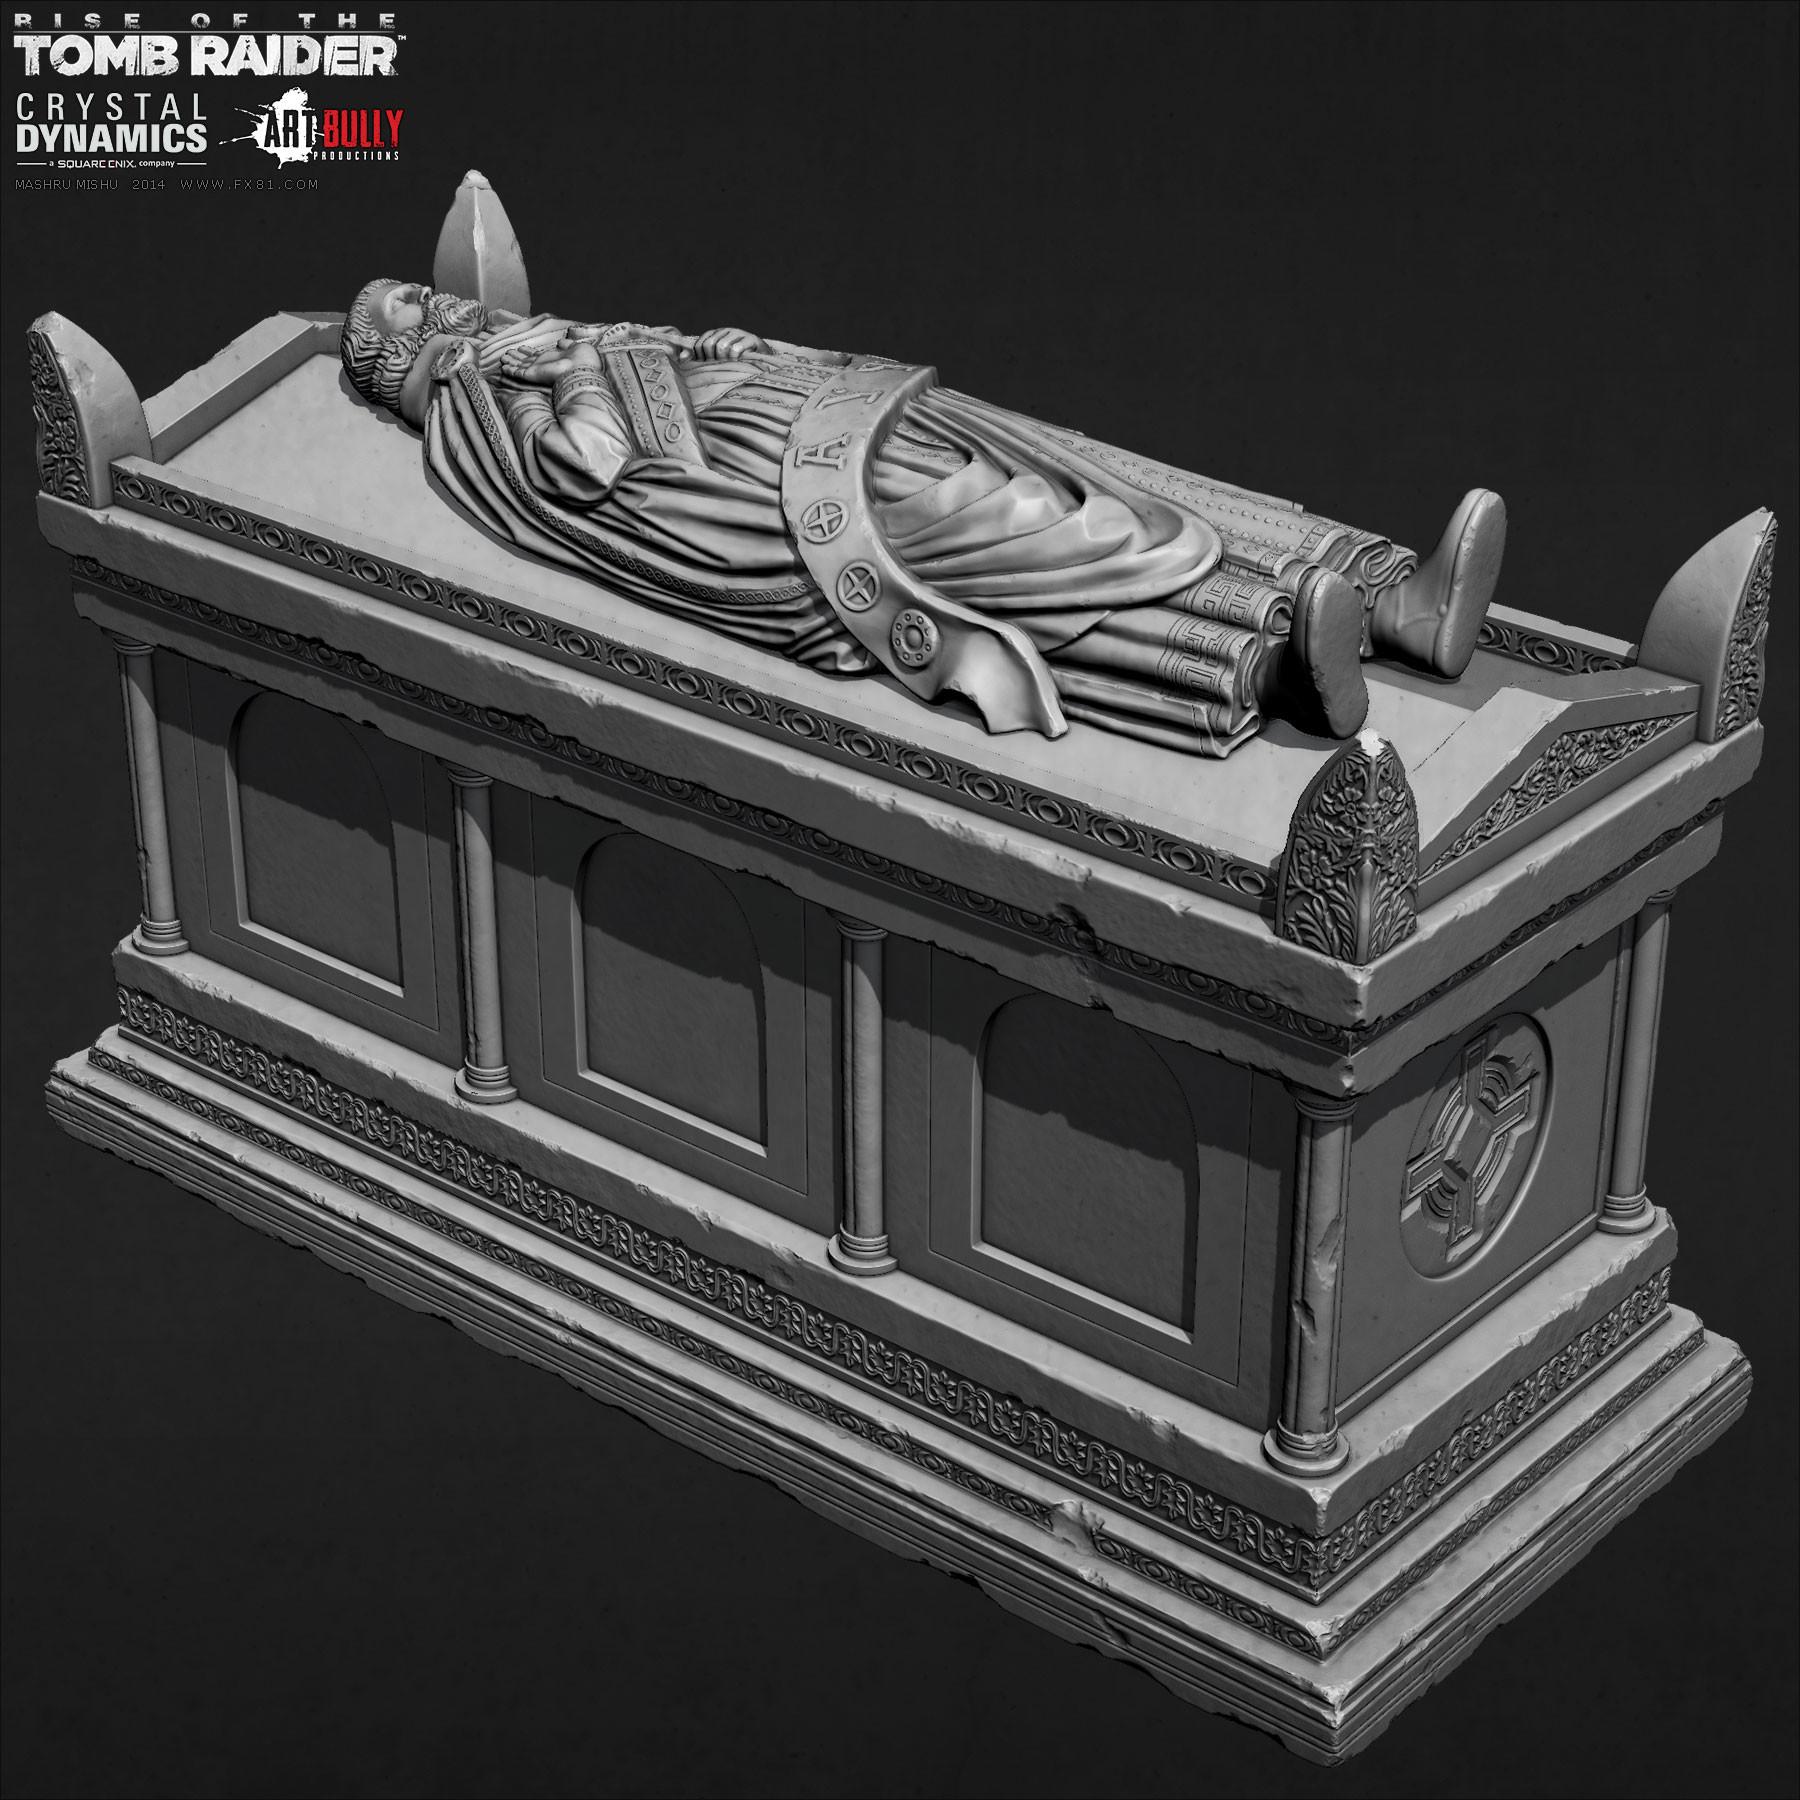 Mashru mishu rottr sarcophagus 07